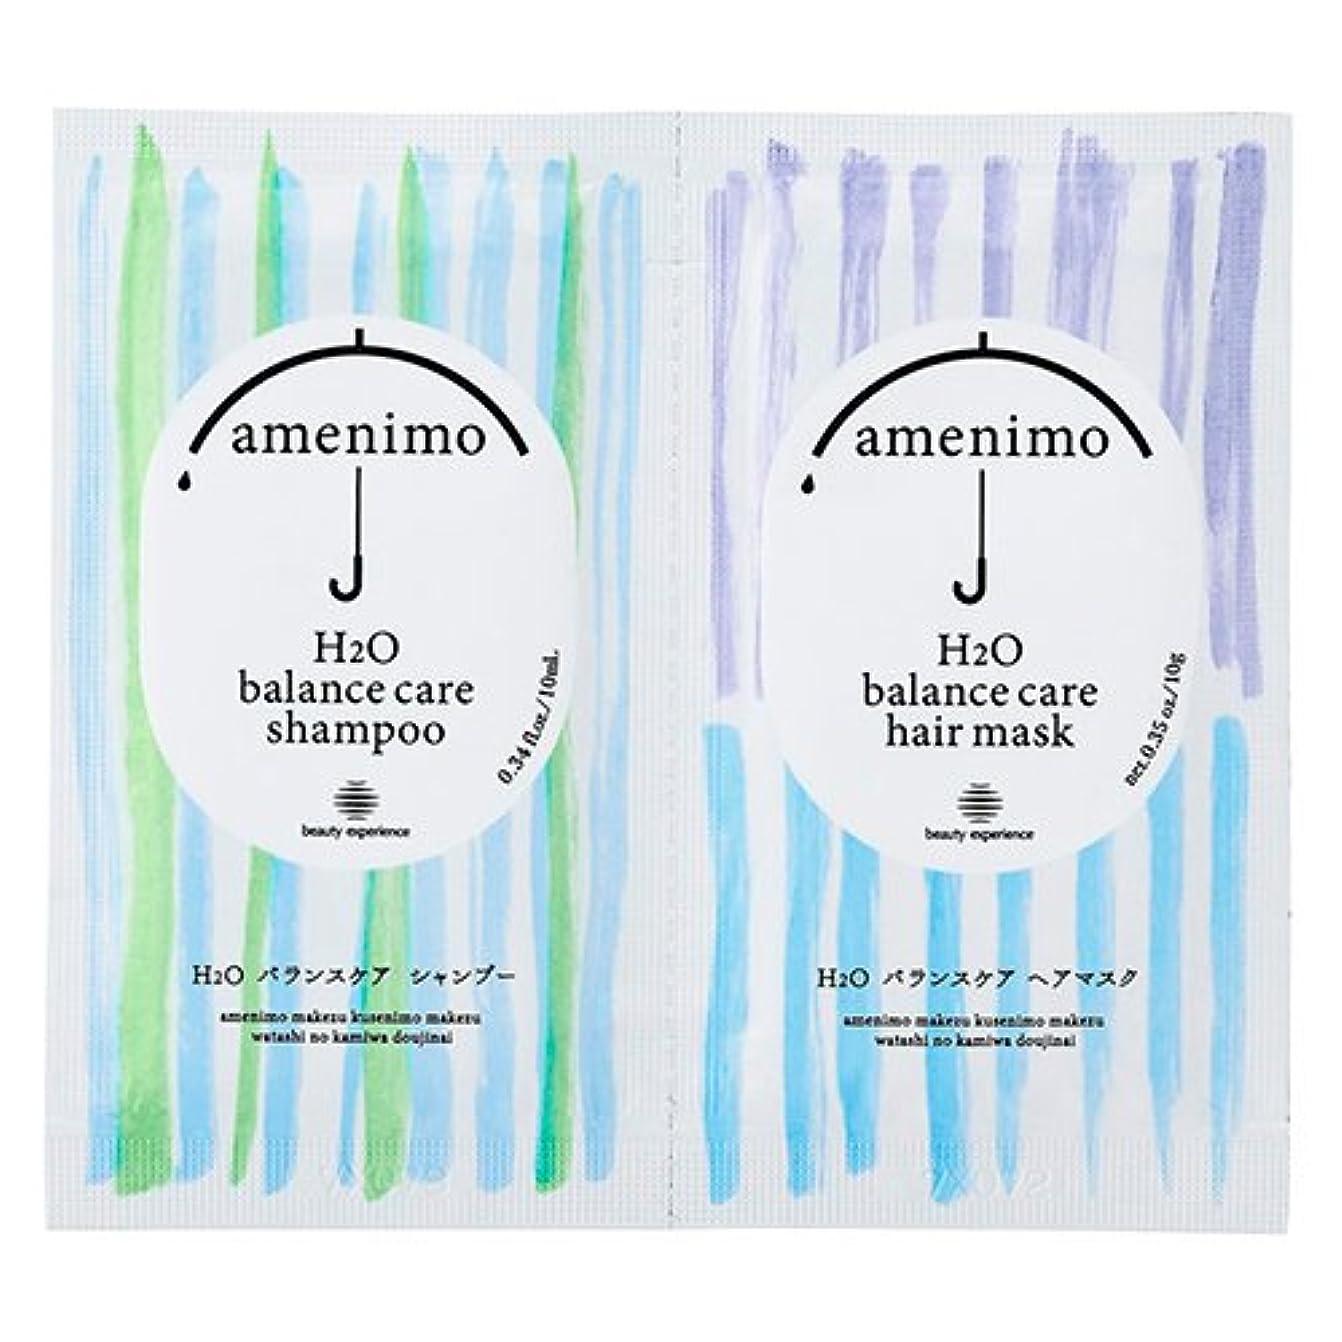 マトロン敗北ストレスamenimo(アメニモ) H2O バランスケア シャンプー&ヘアマスク 1dayお試し 10mL+10g